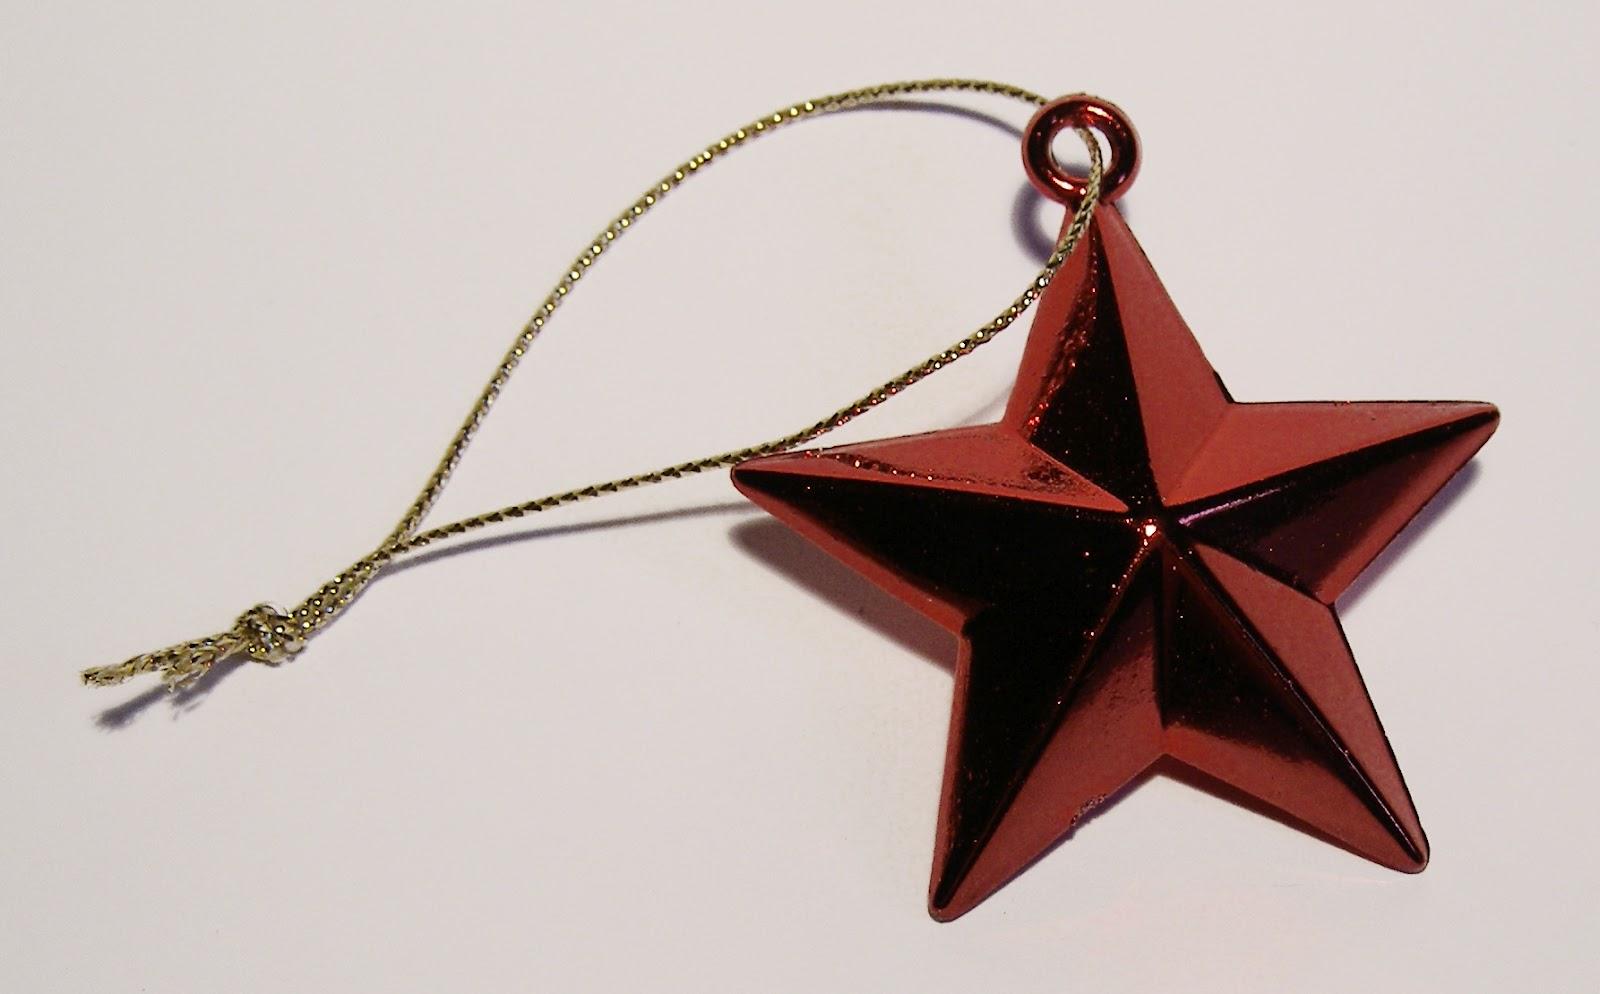 12 amuletos o cosas que atraen la buena suerte caroldoey - Cosas que atraen buena suerte ...